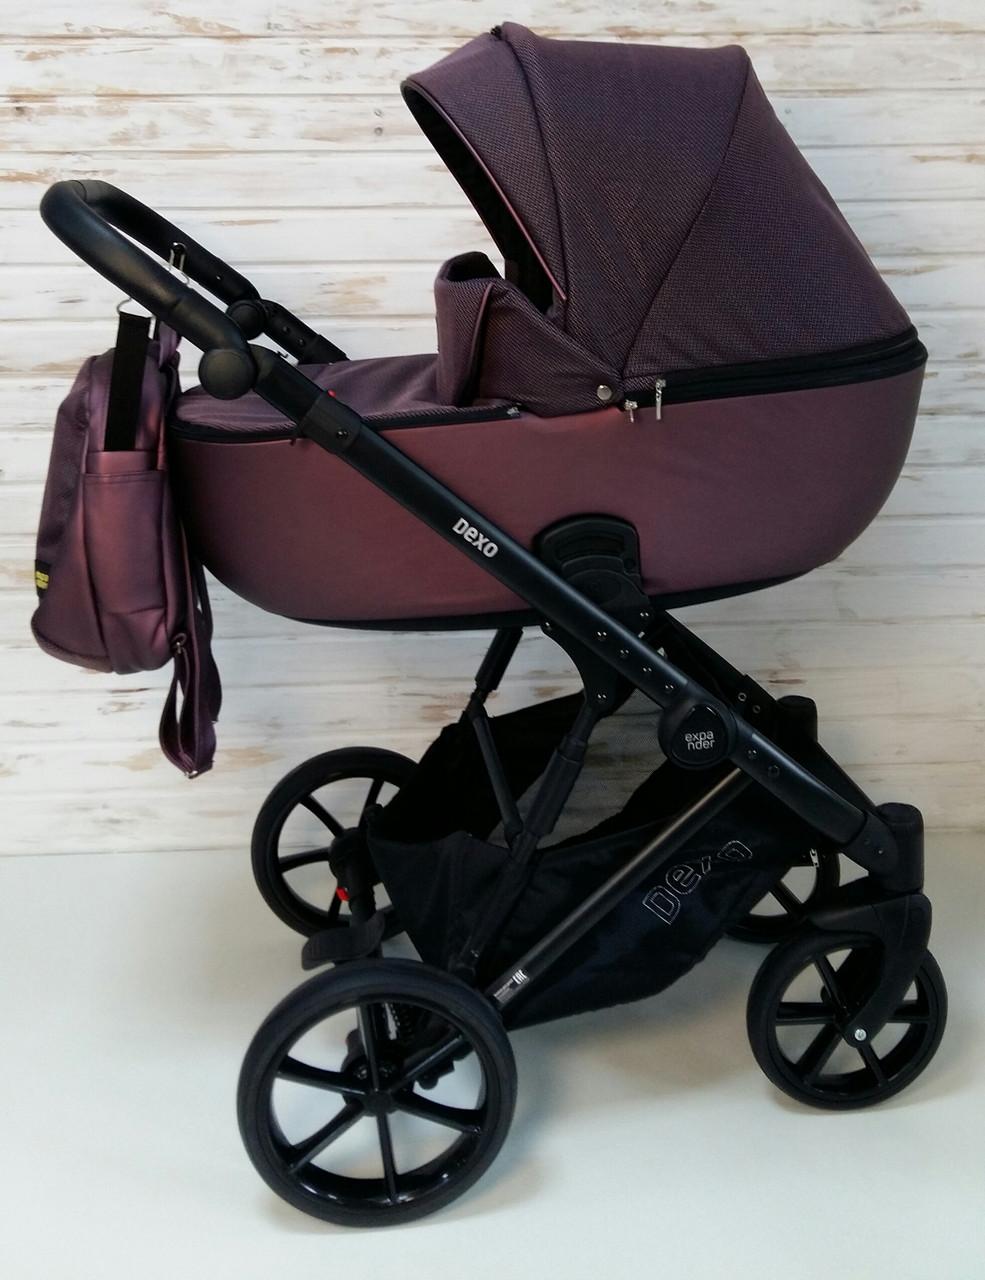 Детская универсальная коляска 2 в 1 Expander DEXO цвет Plum, водоотталкивающая ткань + эко-кожа D-42303